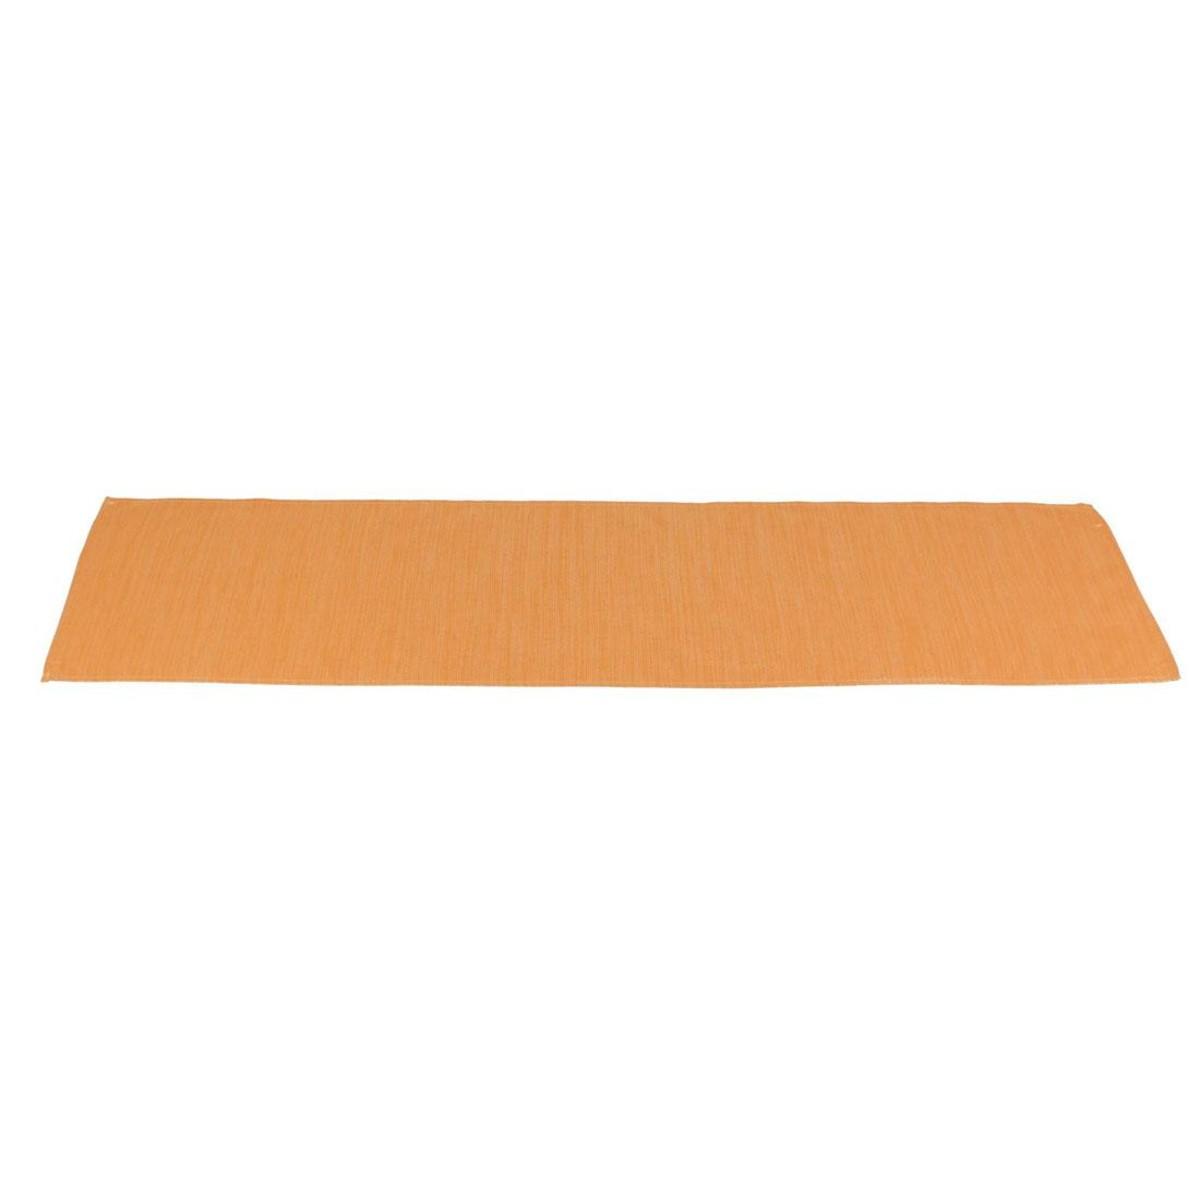 Дорожка на стол Хит-декор Блестящая оранжевая 06501 150х40 см